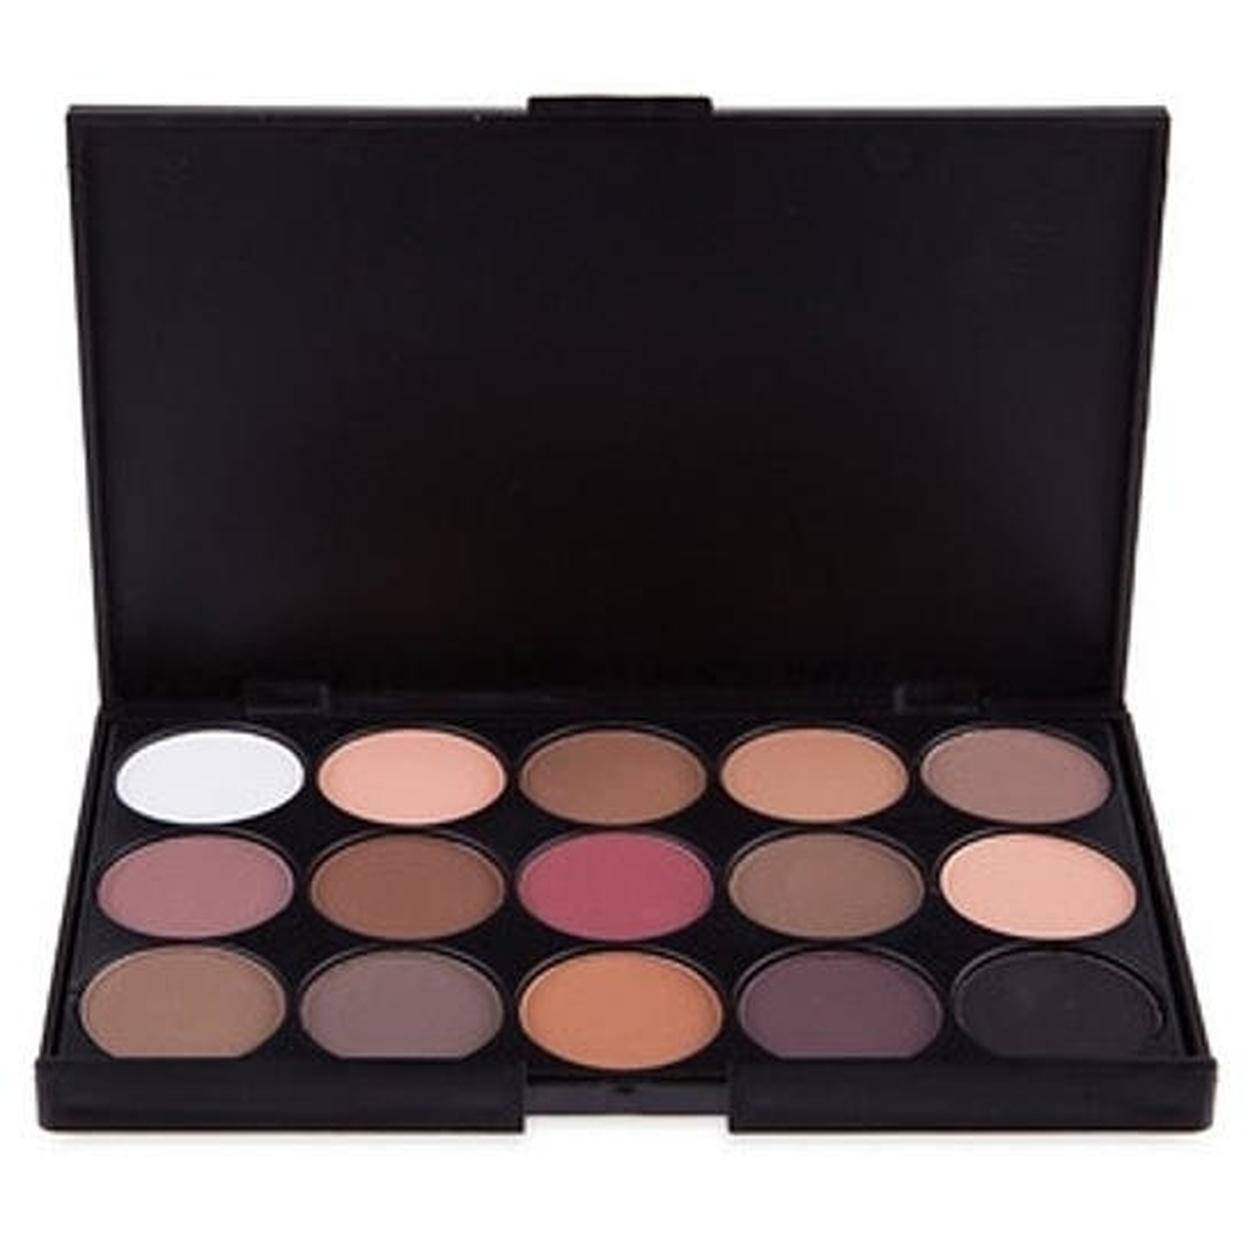 Eyeshadow Makeup Palette 15 Colors - Matte-E15-1 583115e3fa08eb131a521531